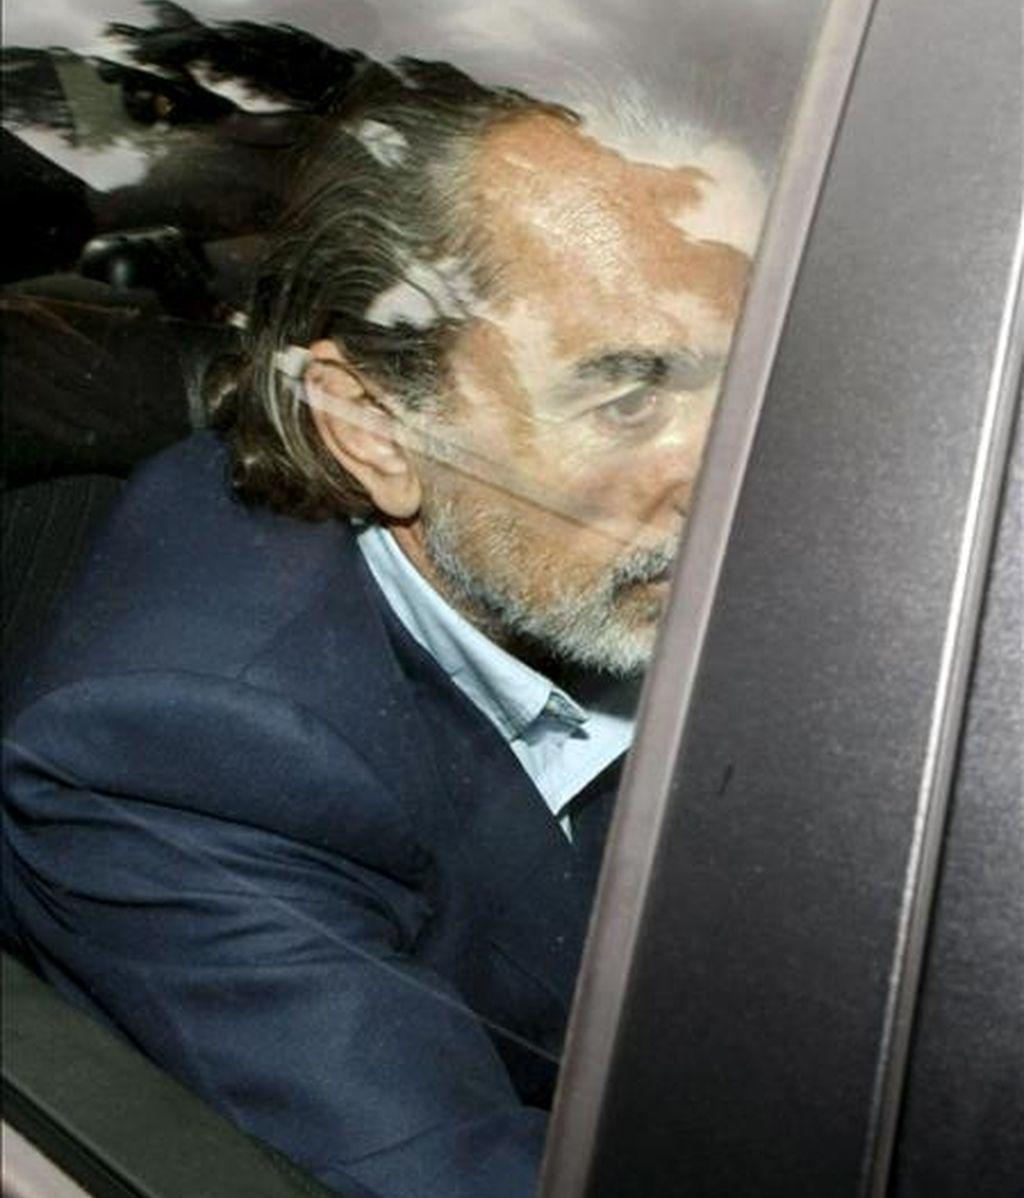 El líder de la trama, Francisco Correa. EFE/Archivo